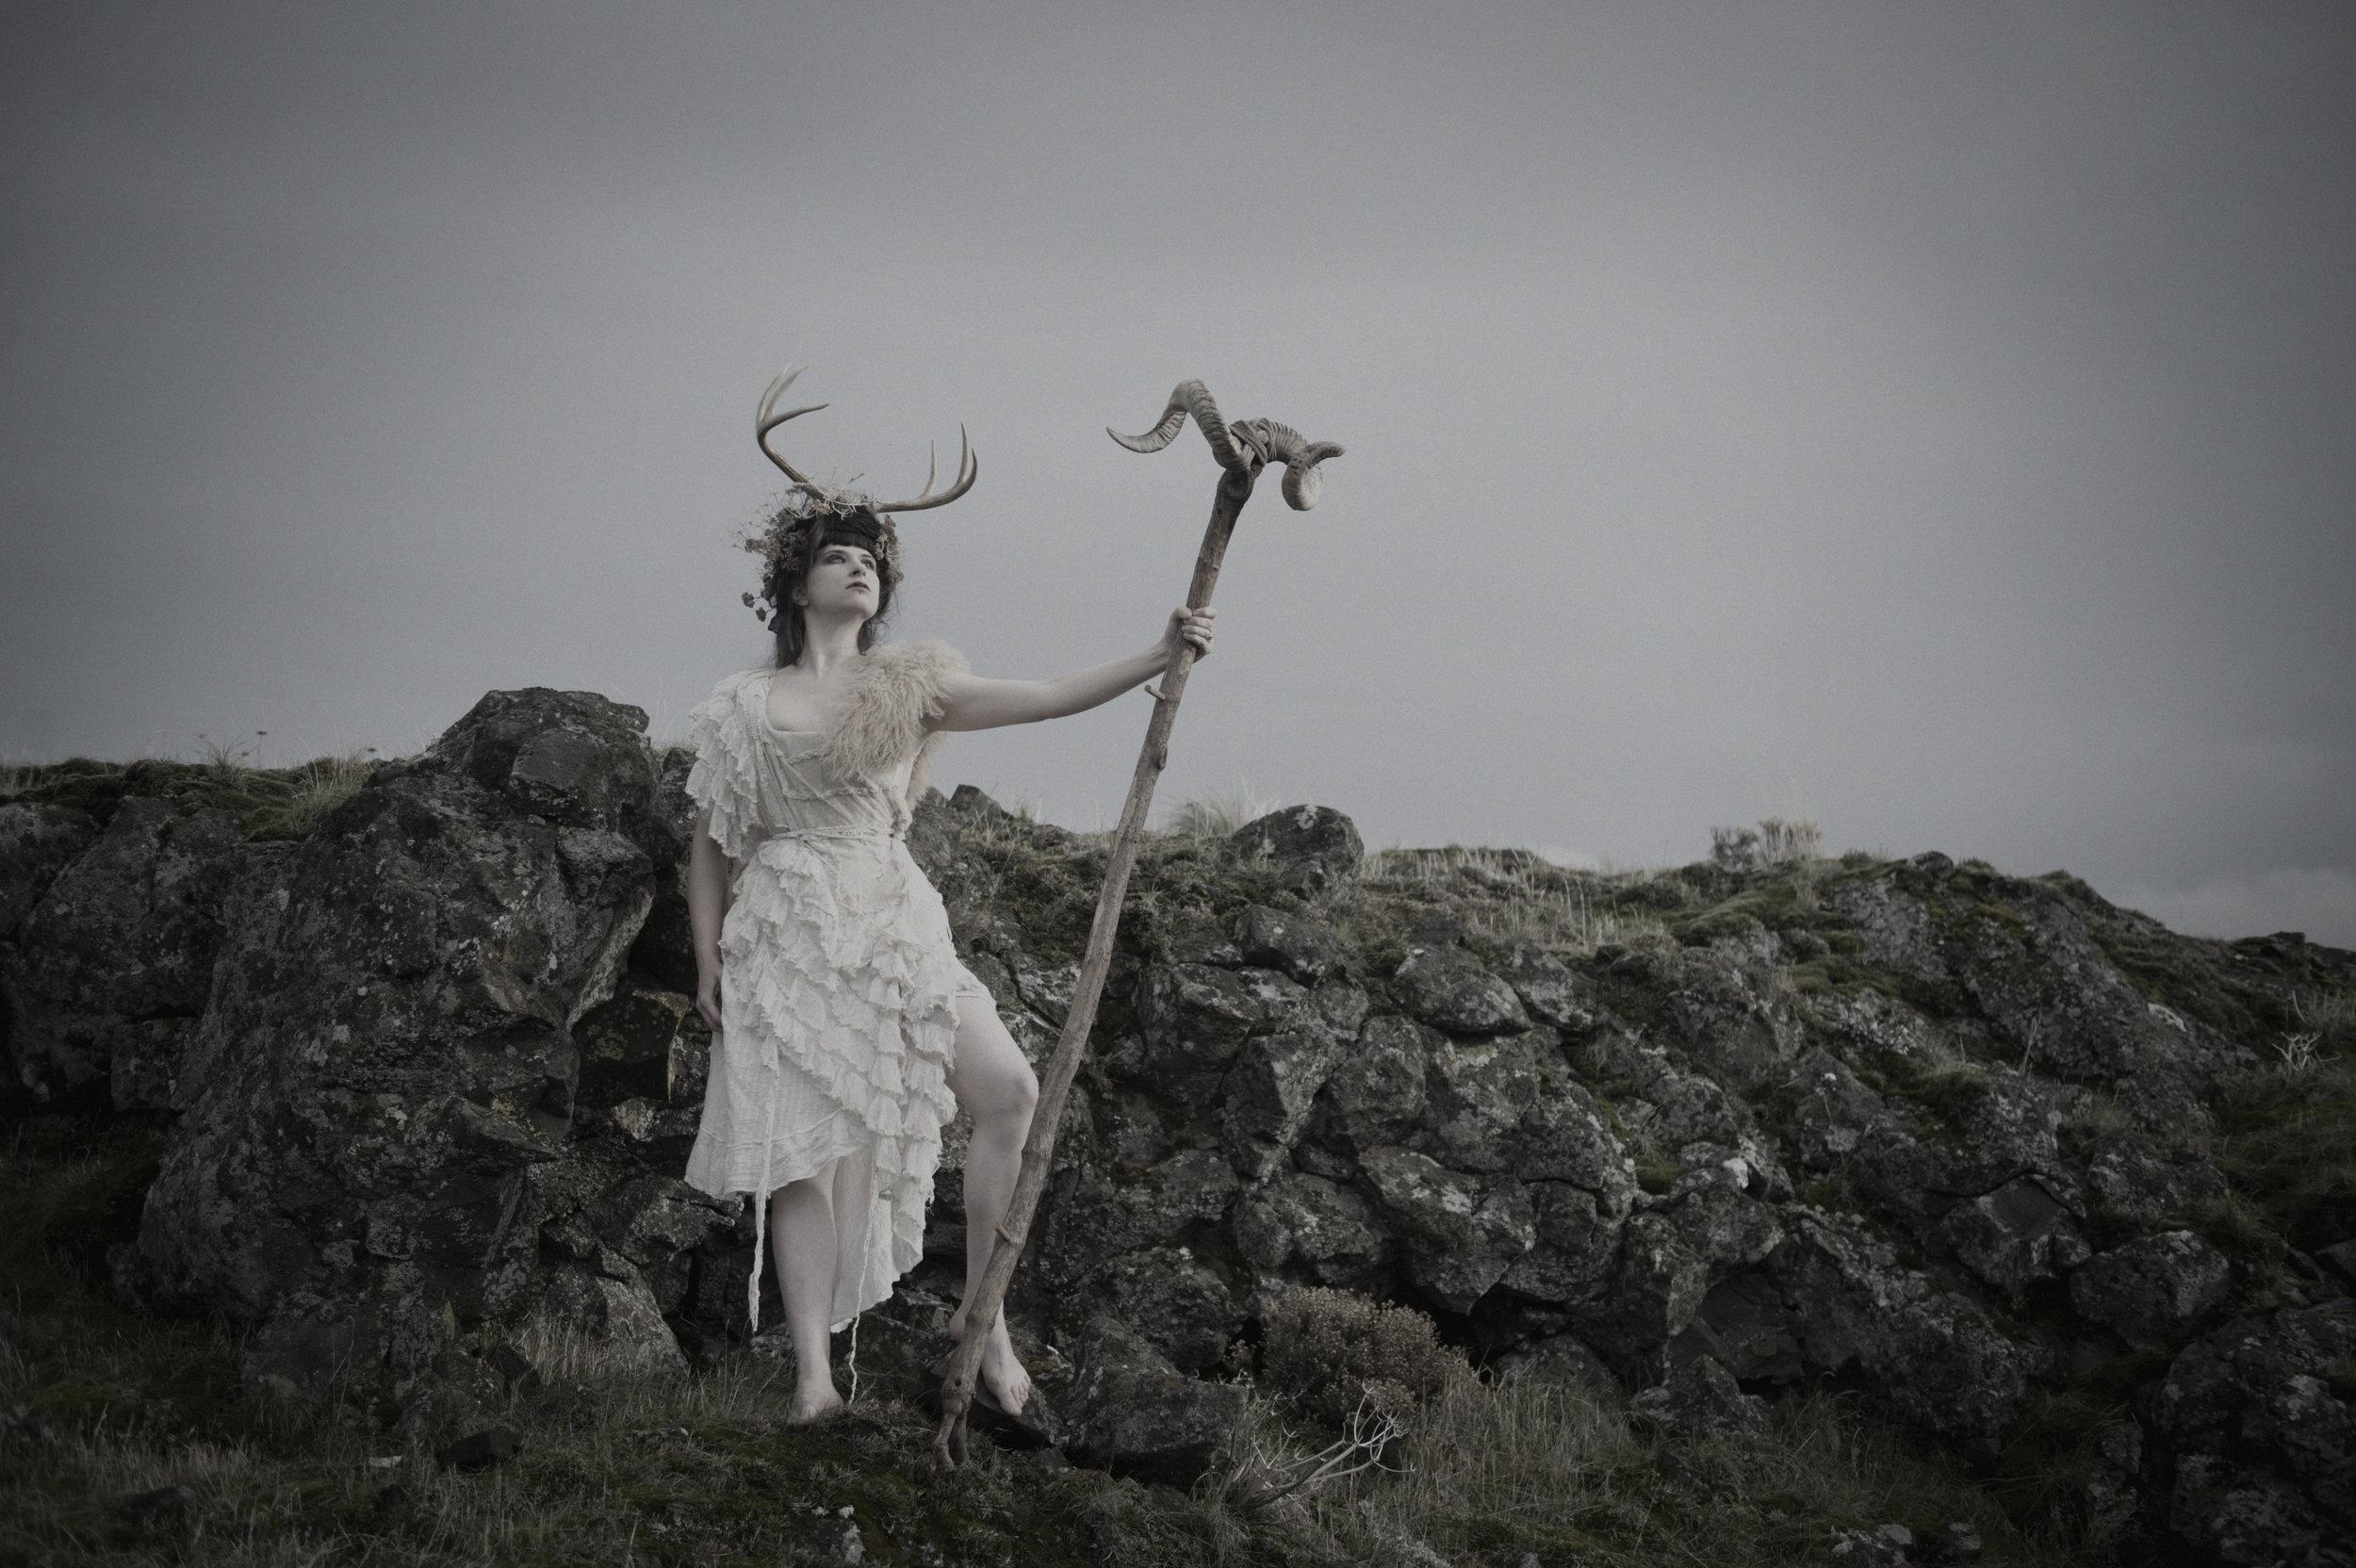 XXIII. ILANA HAMILTON - American writer, heathen, and artist (Kertoa Kalevala). August 2019.